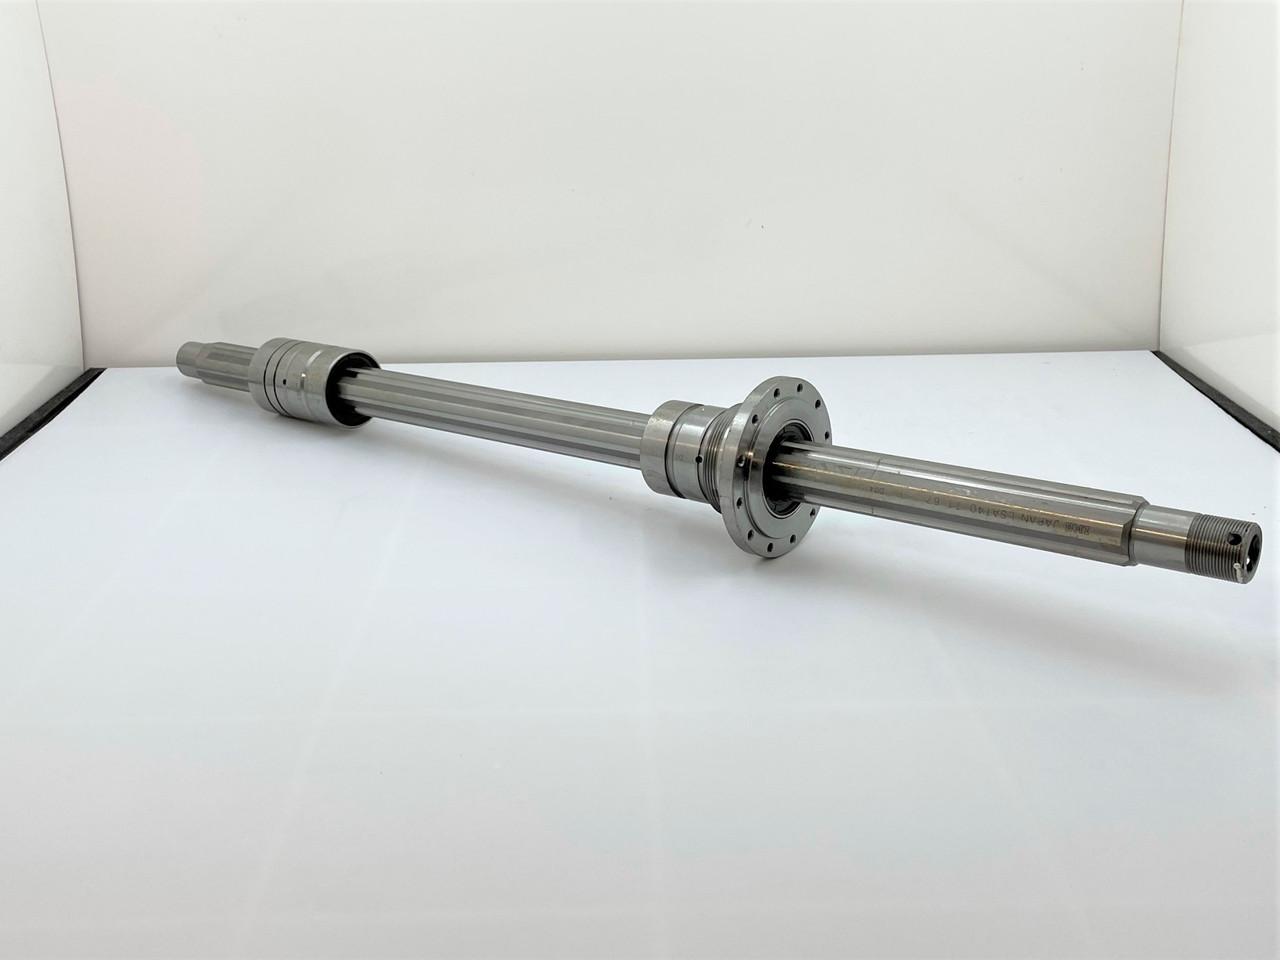 R Axis Ball Spline YK1200A